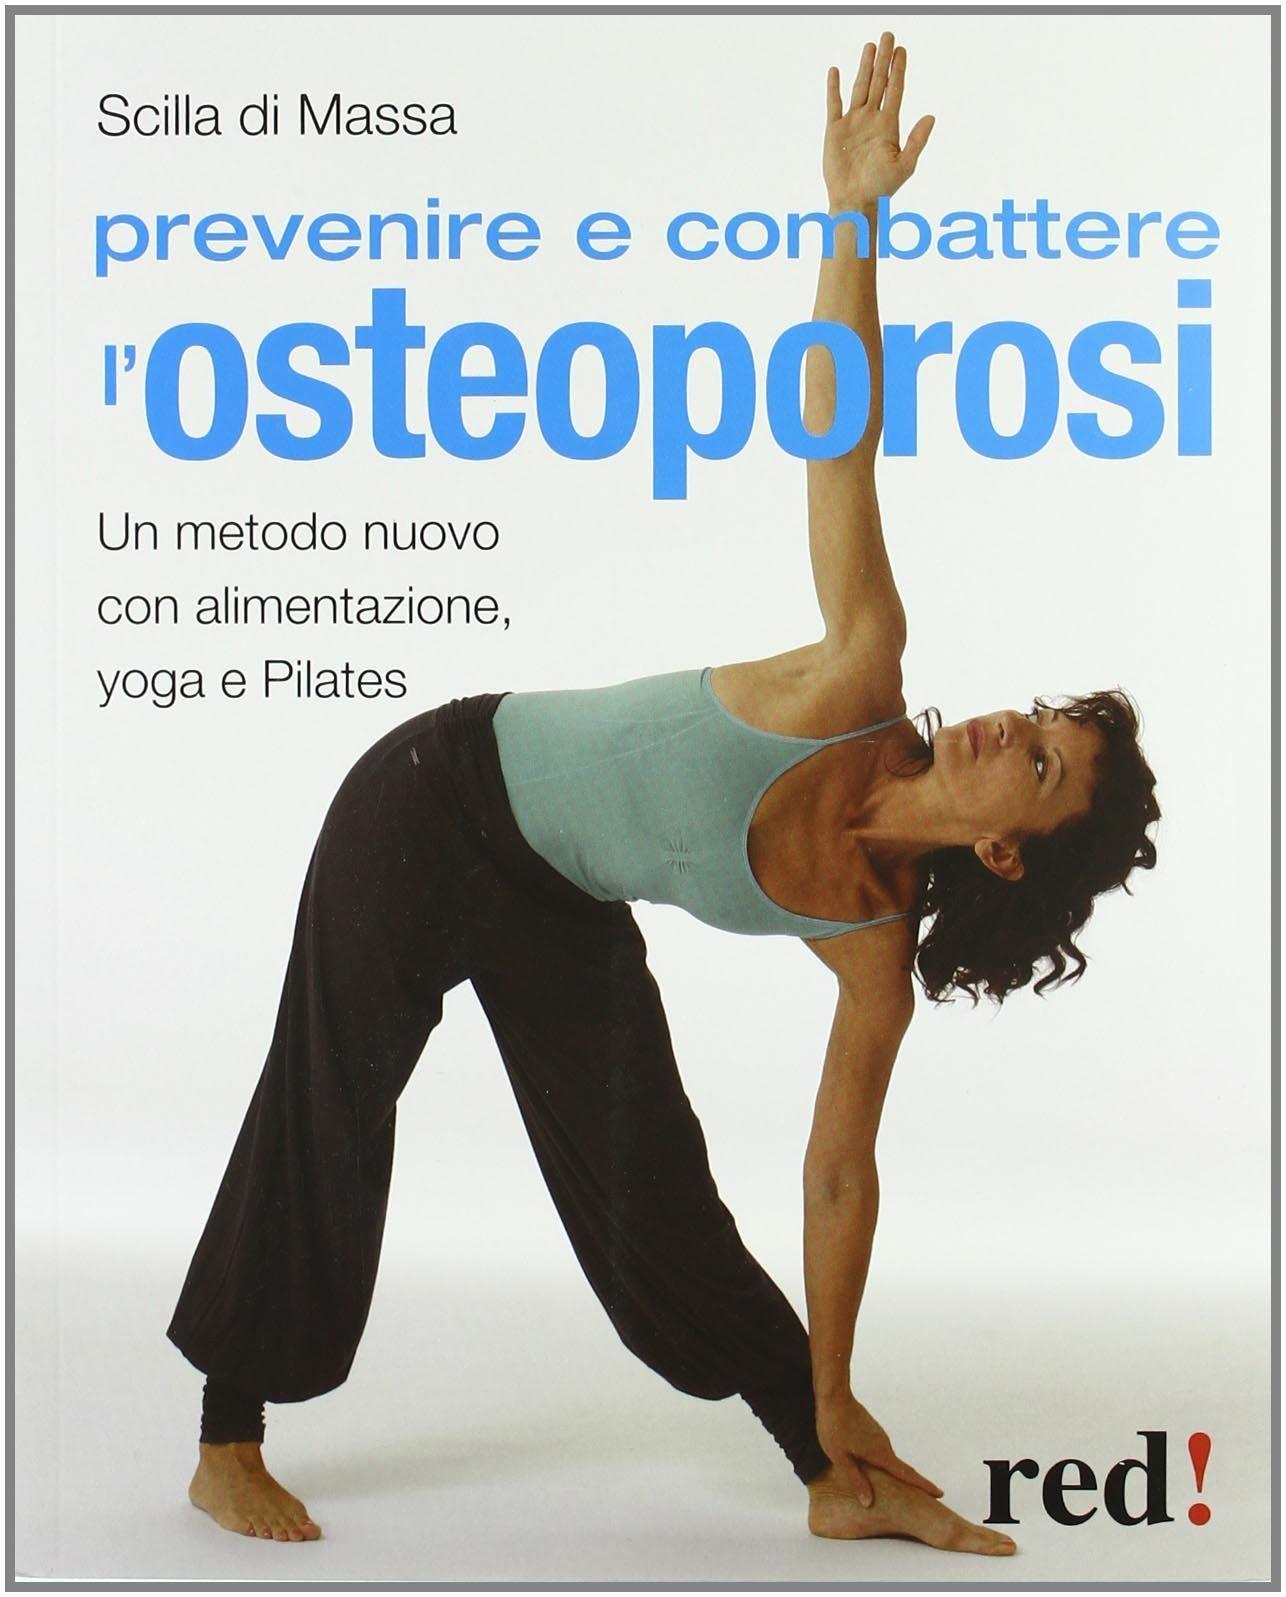 prevenire e combattere la osteoporosi. Scilla di Massa